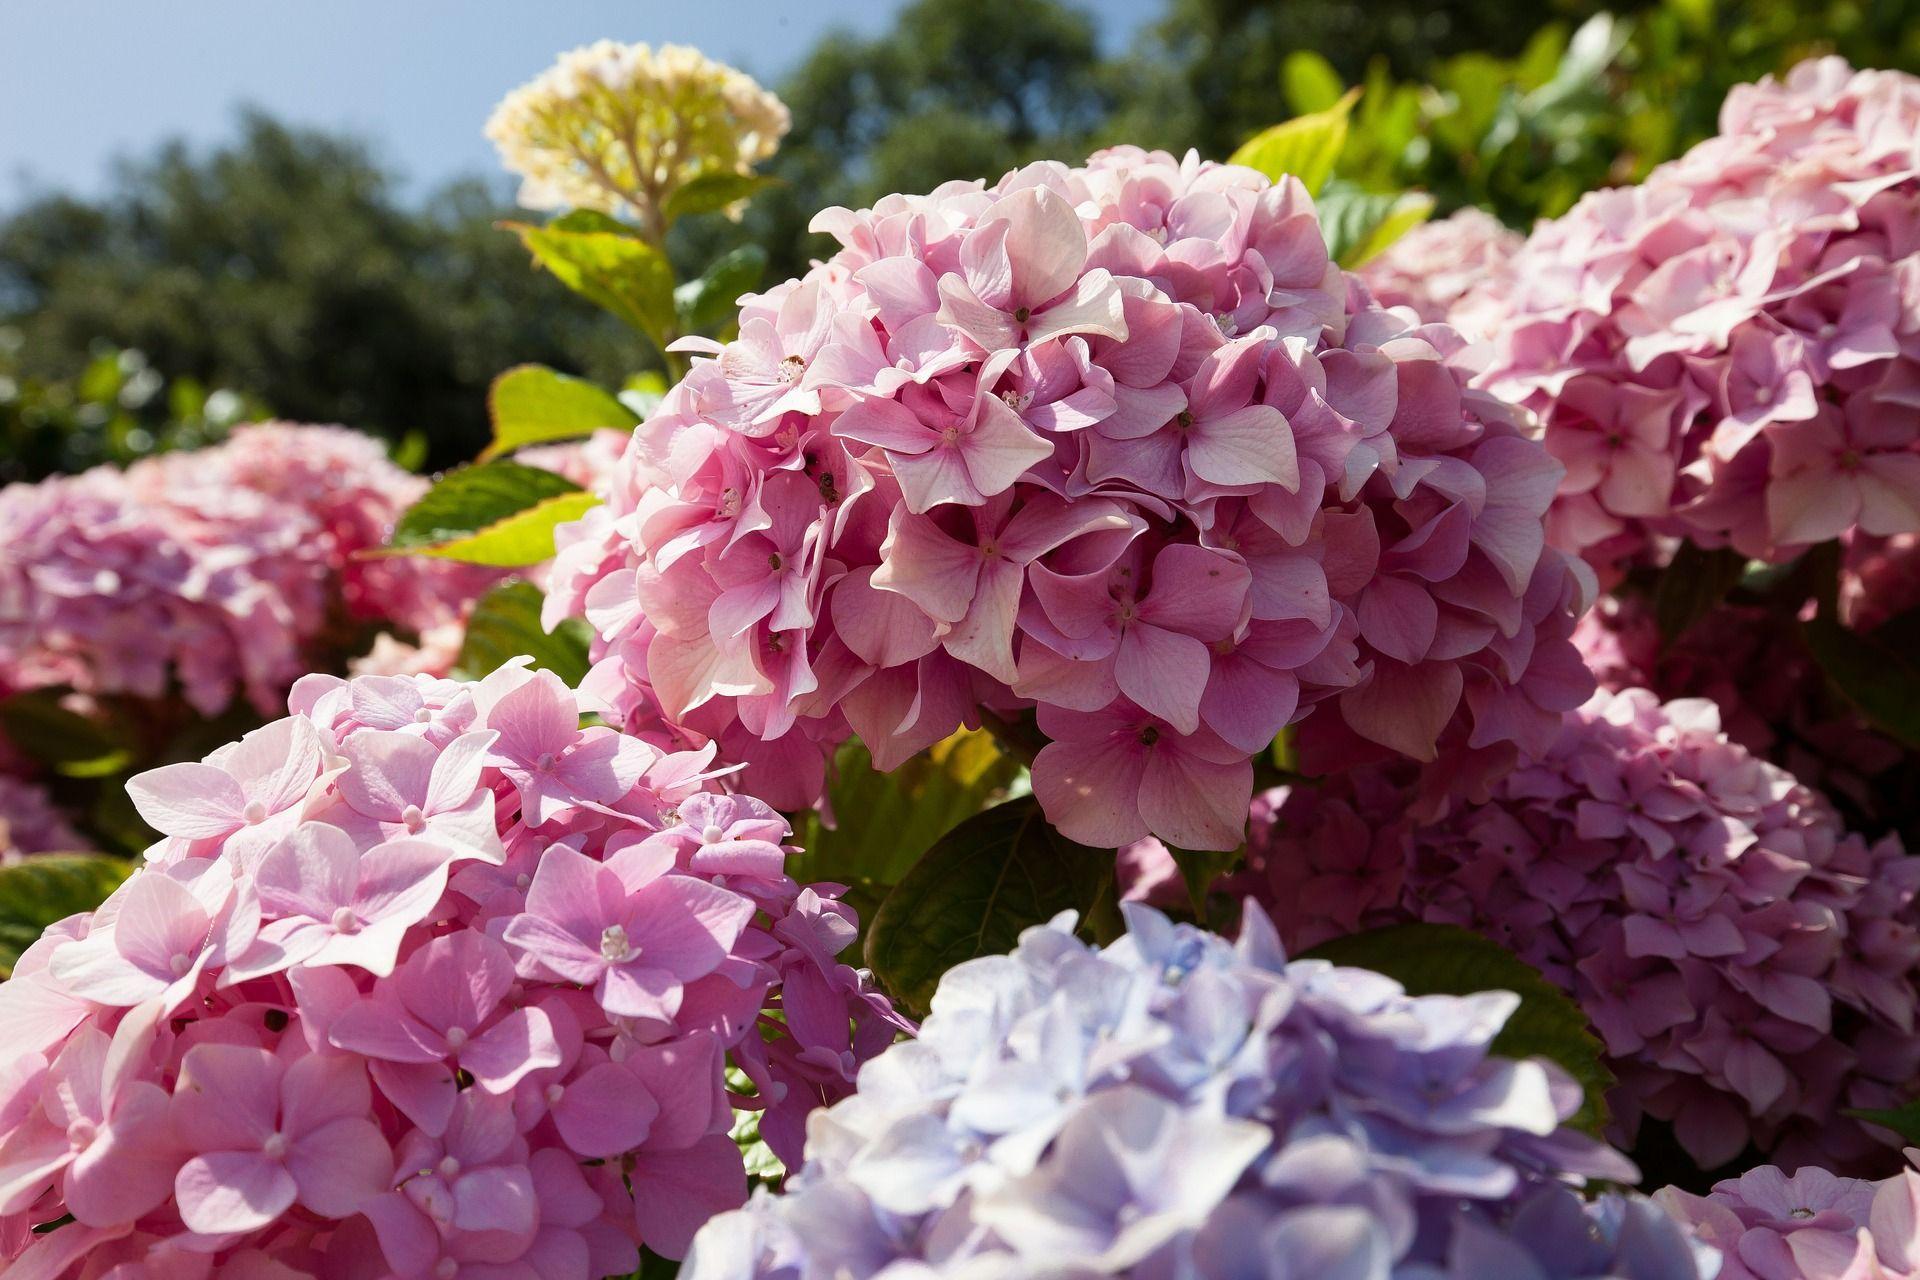 Fiori Che Amano Il Sole sole o ombra? scopri le piante ideali per il tuo balcone